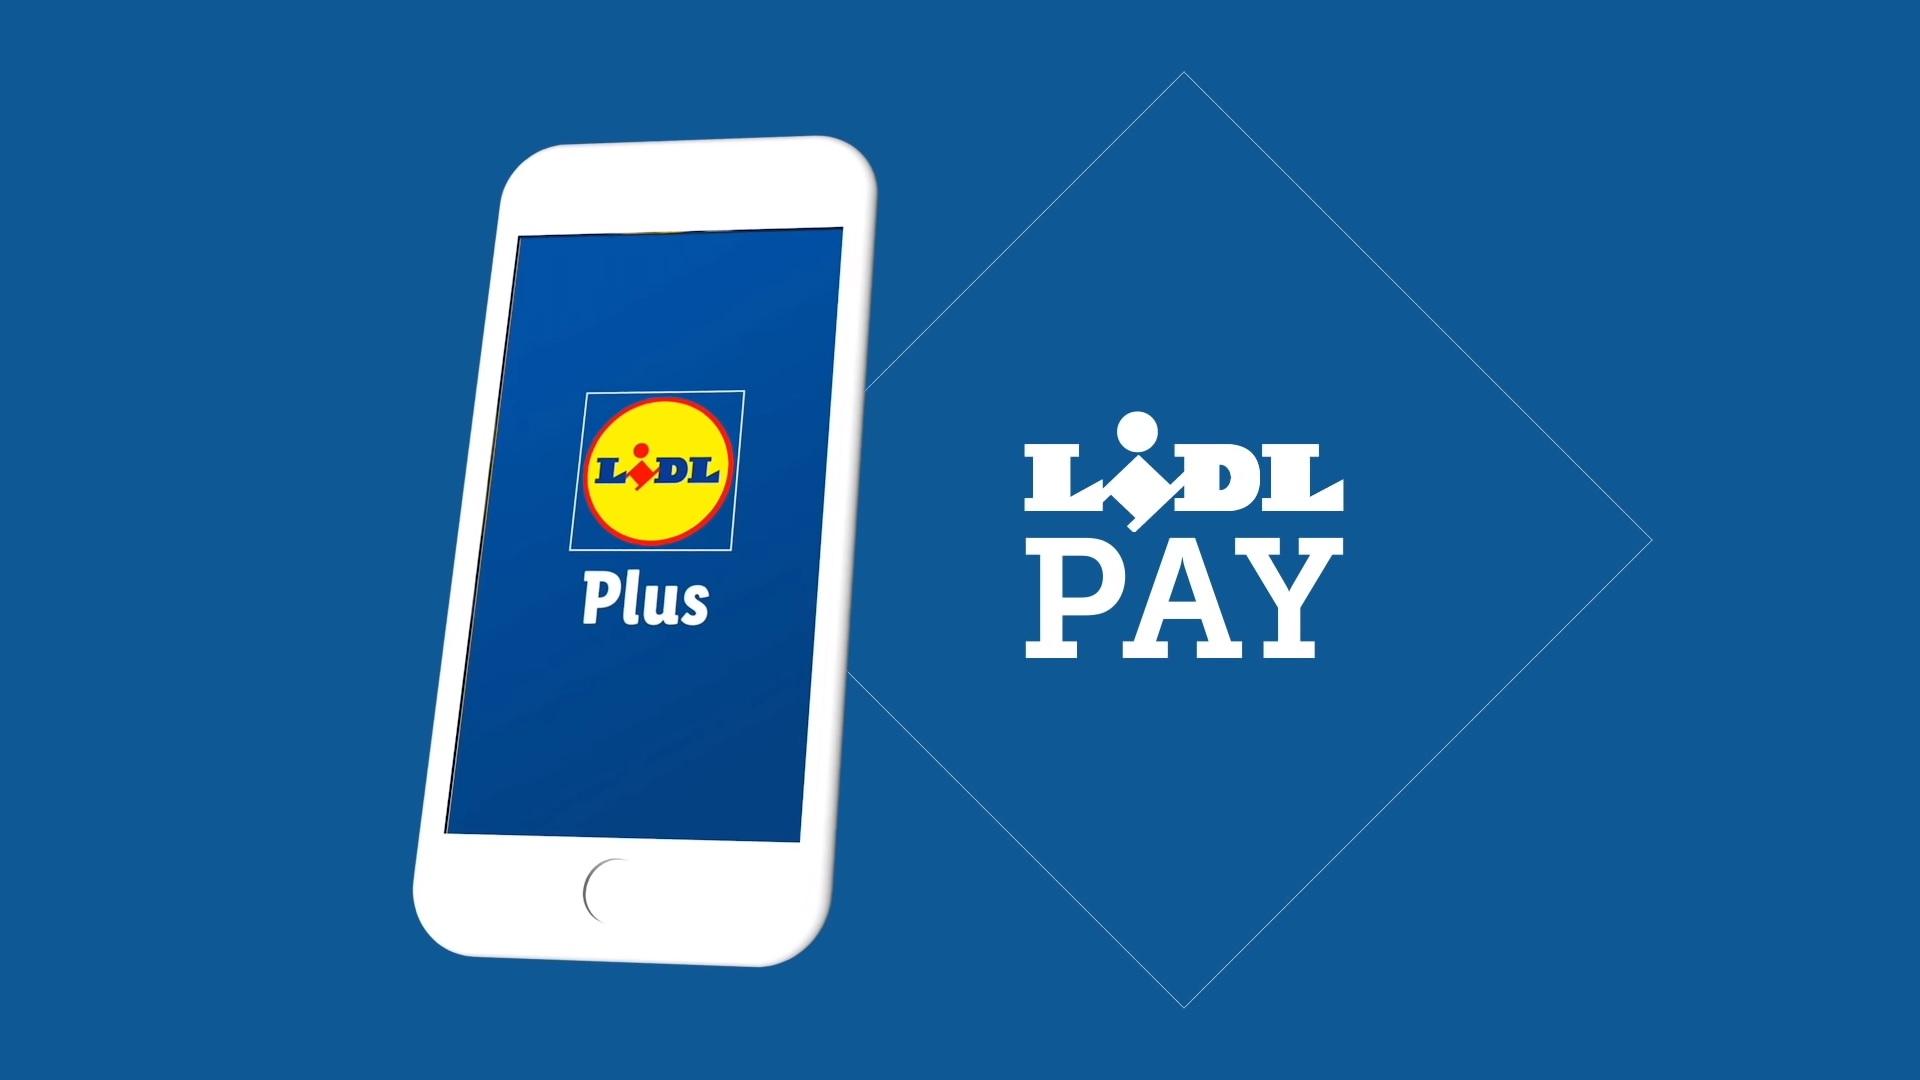 Oficjalne wdrożenie Lidl Pay w Polsce coraz bliżej. Kolejni klienci mogą testować usługę